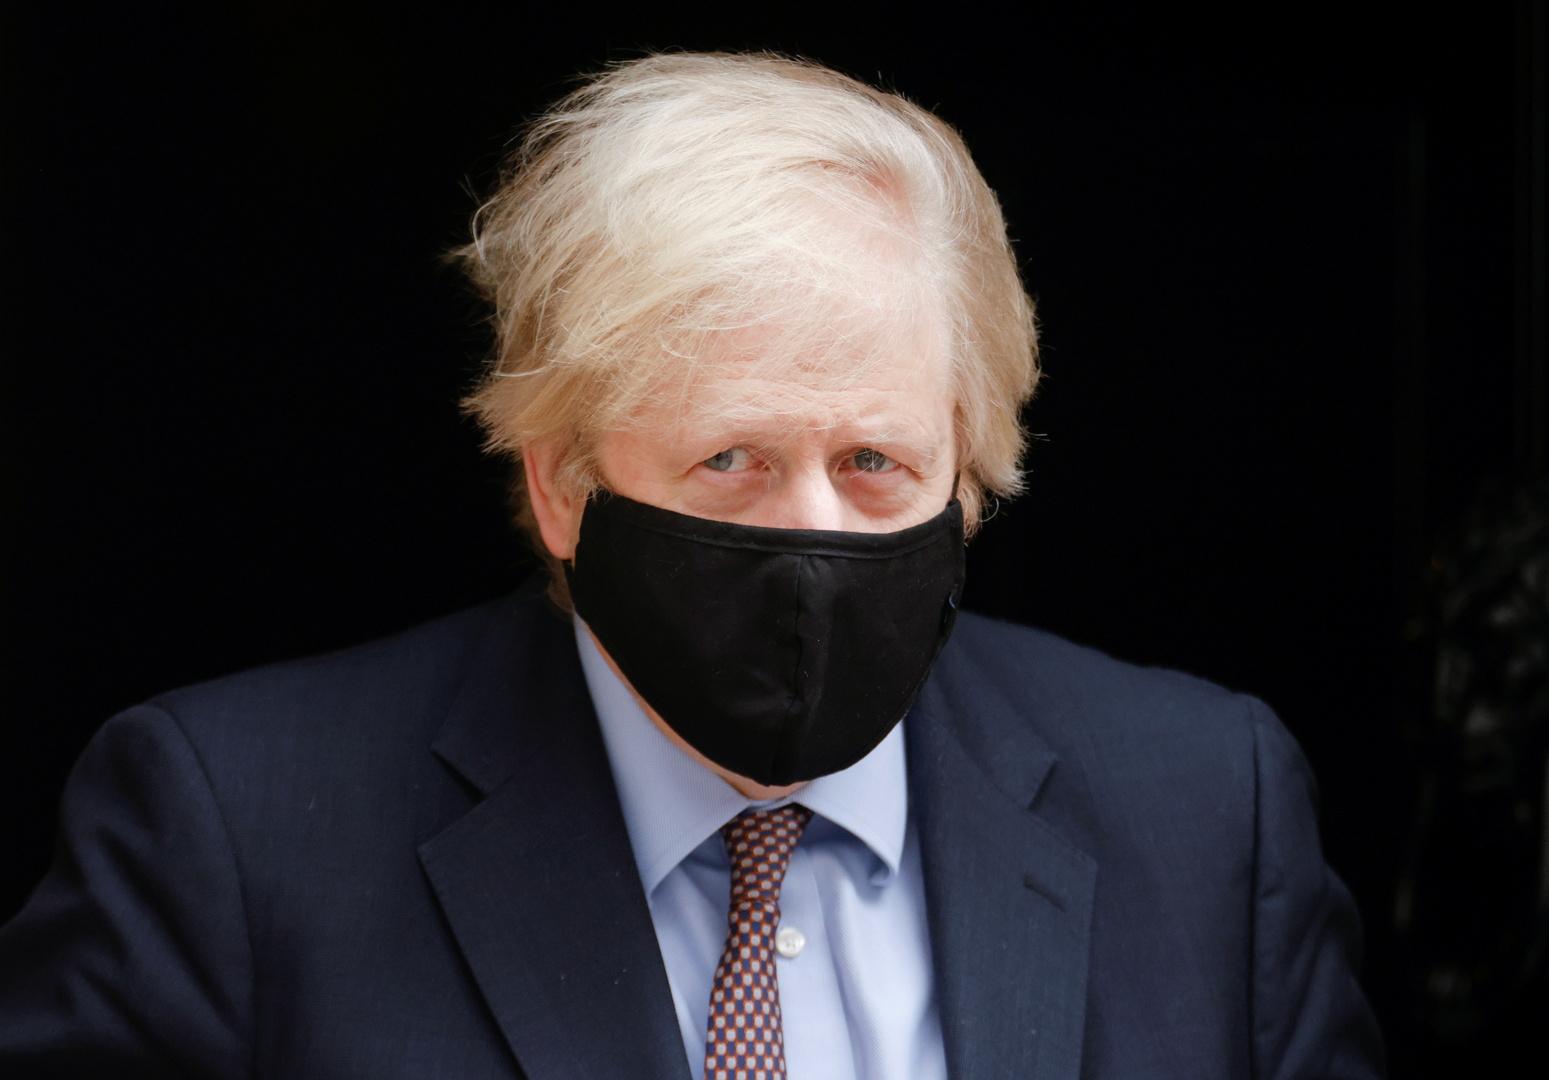 بريطانيا .. 2000 عائلة تتوجه لمقاضاة رئيس الوزراء بسبب كورونا